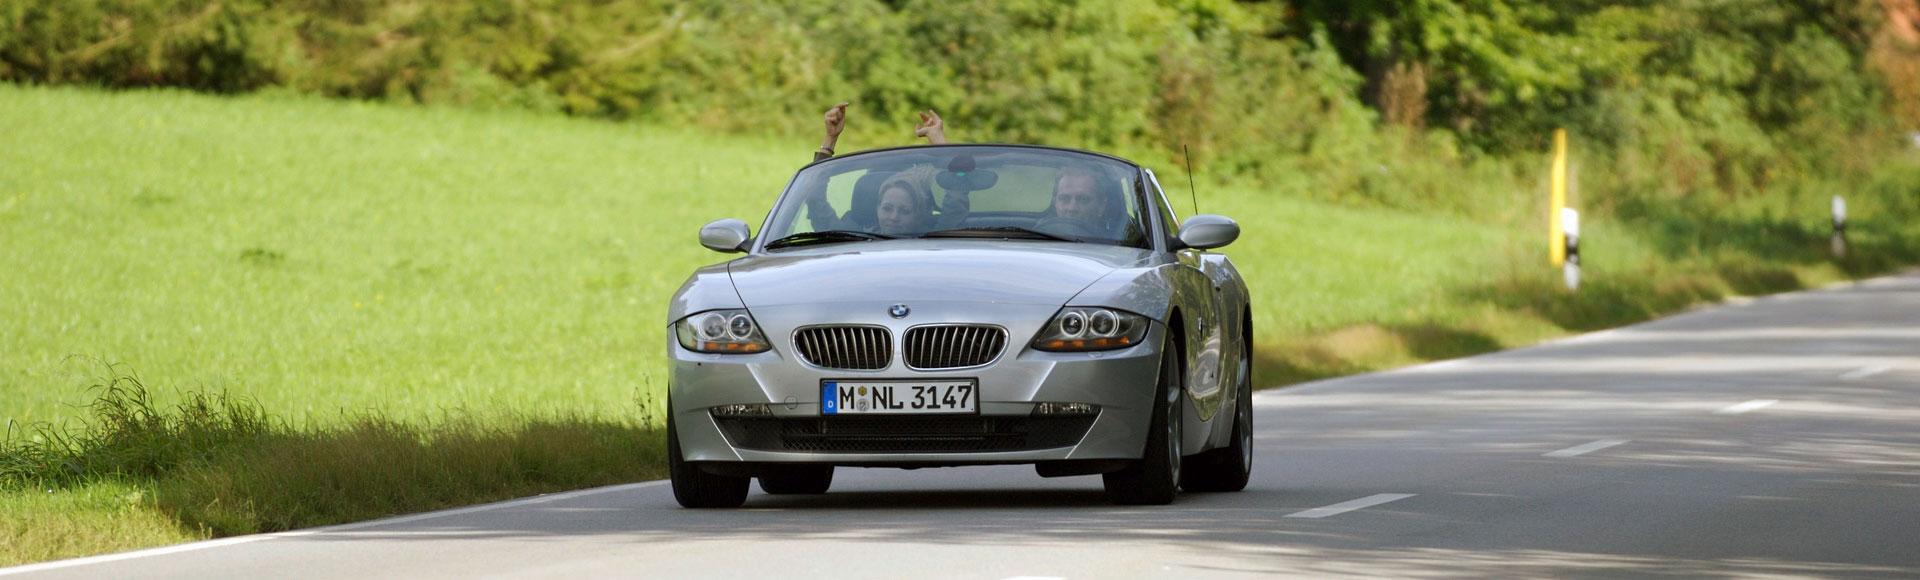 BMW Z4 2006 Sommer 283